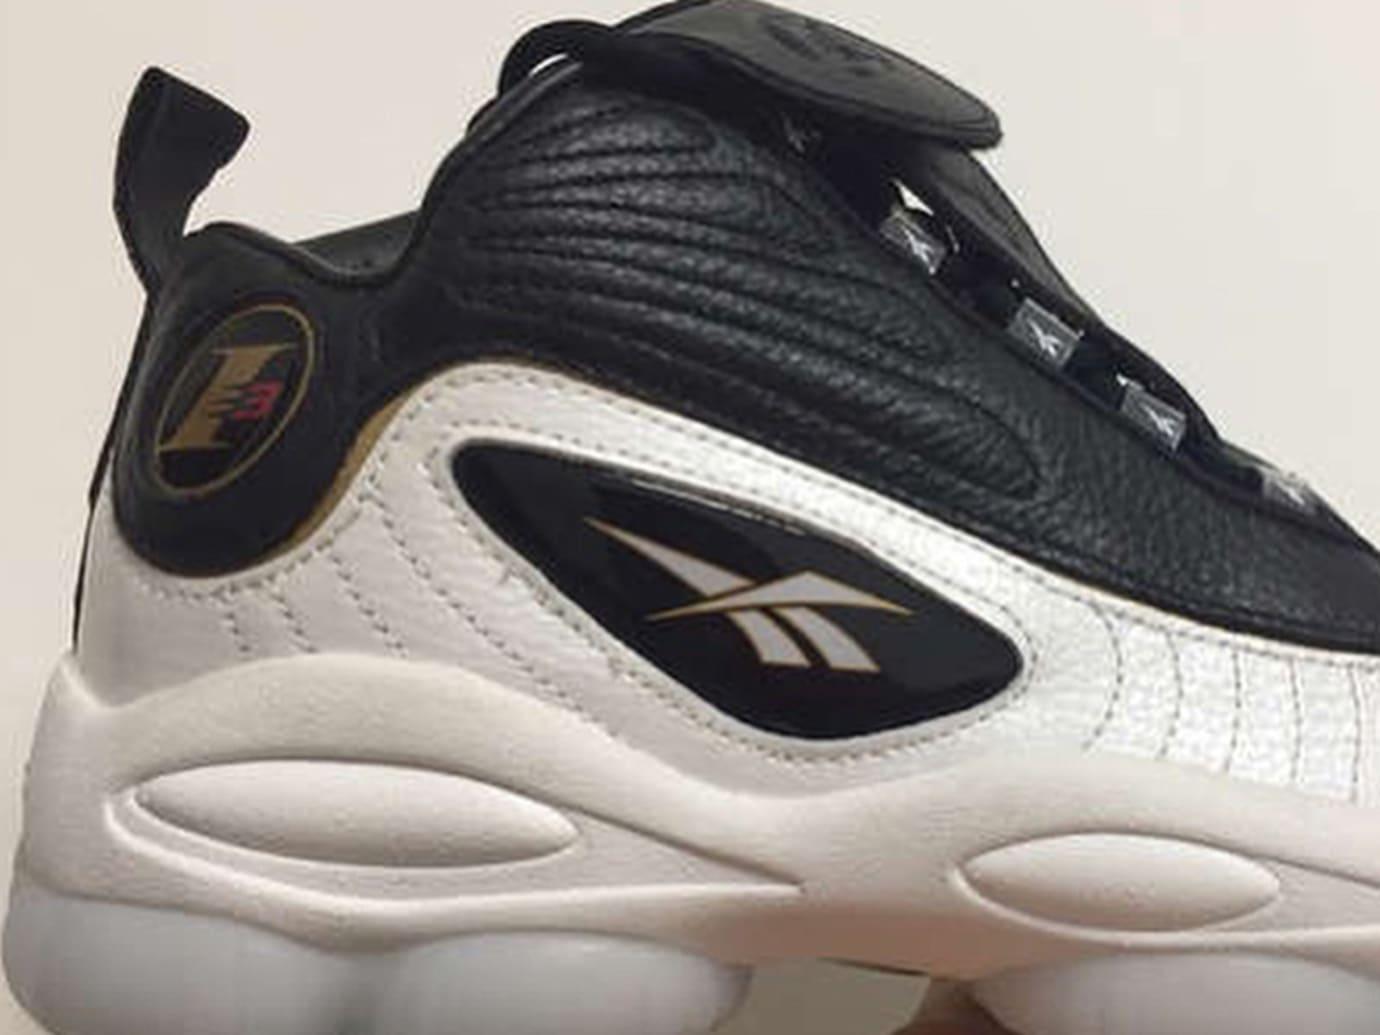 Reebok Allen Iverson I3 Legacy Hybrid Sneaker Release Date  51bff78d532